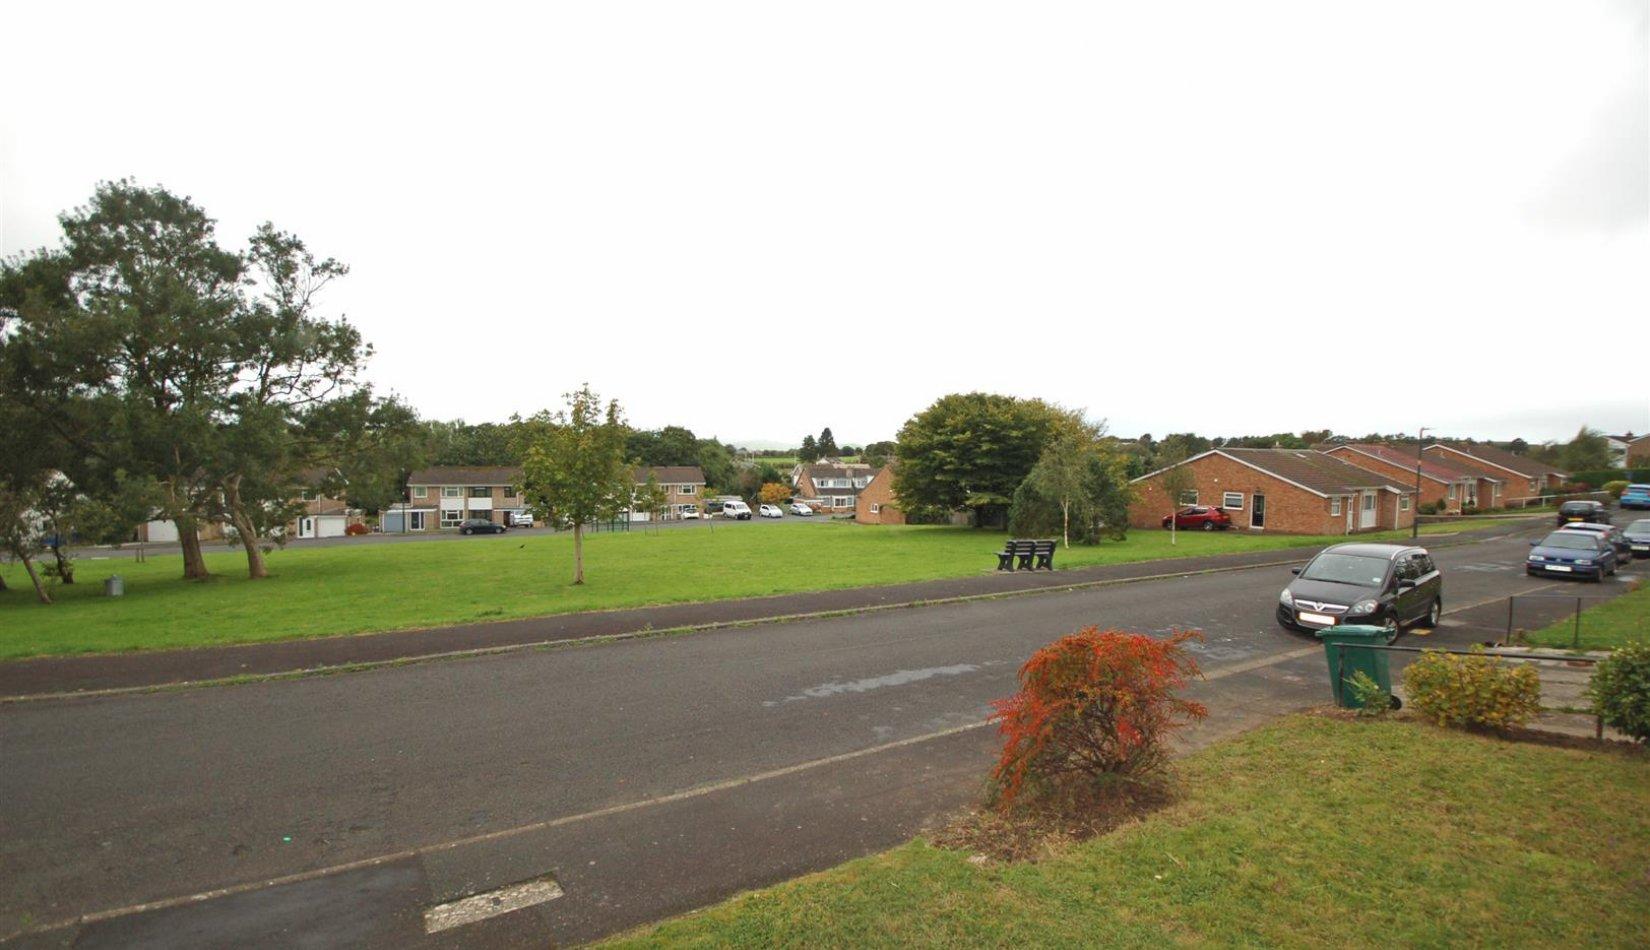 67 Rhoshendre view 2.jpg